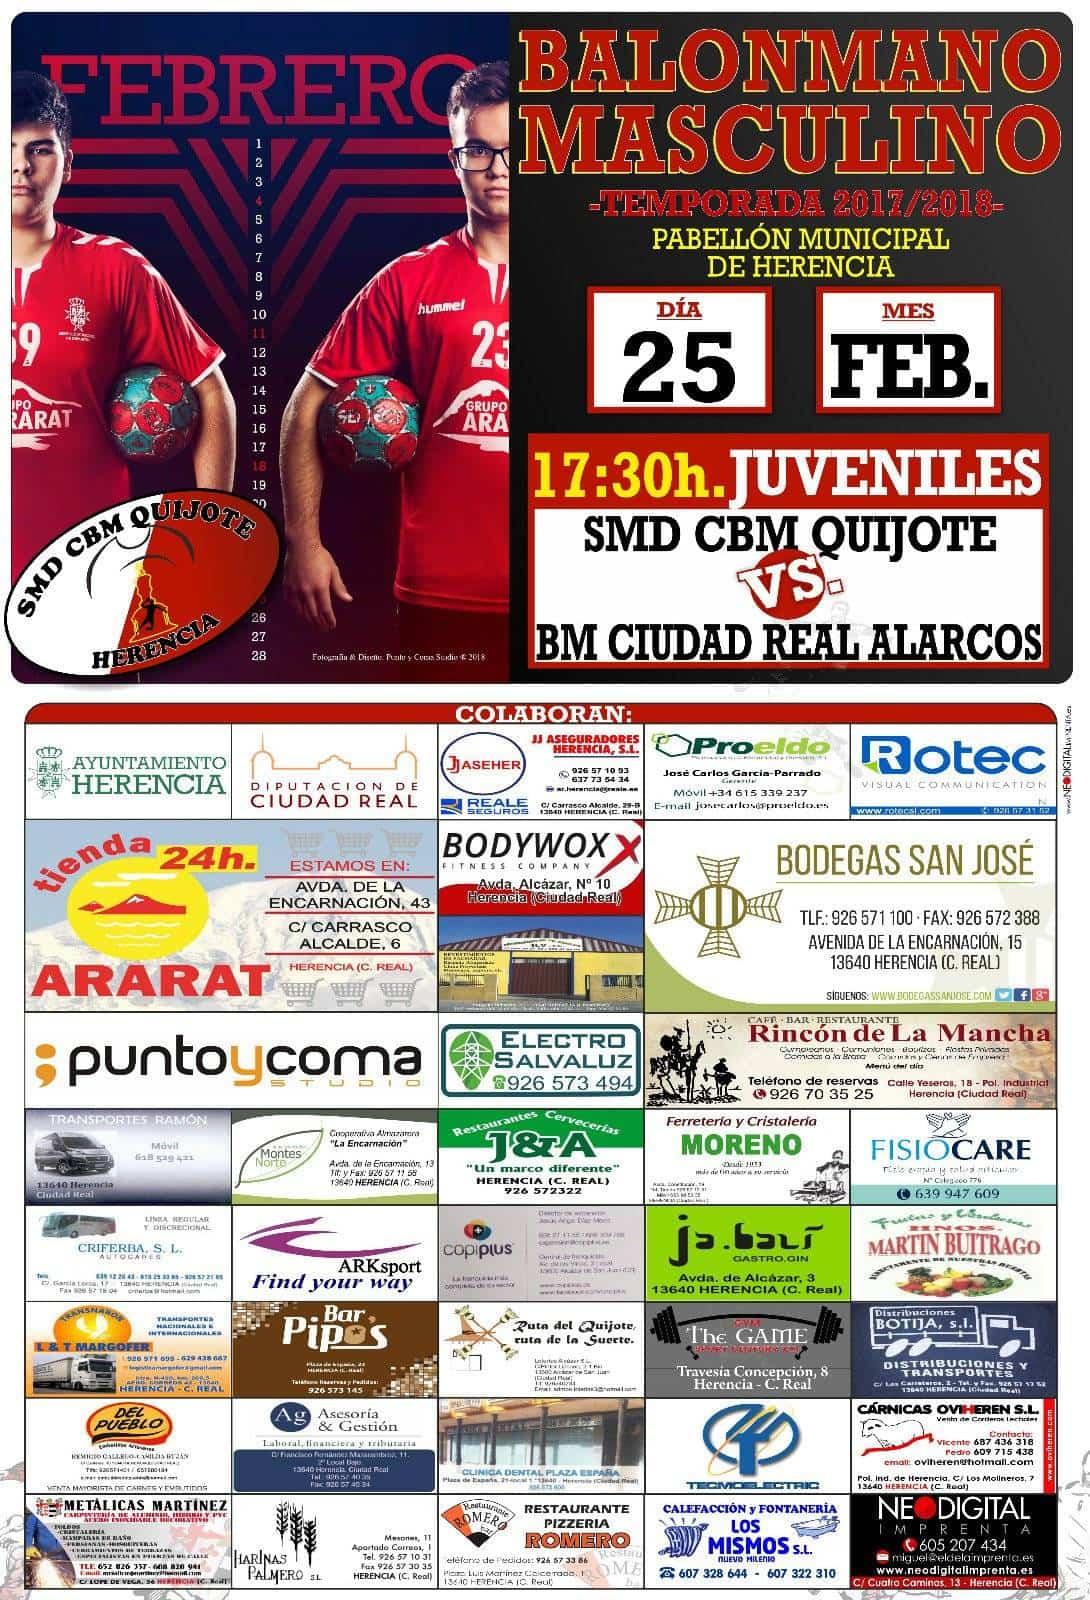 Balonmano en Herencia: SMD CBM Quijote vs BM Ciudad Real Alarcos, 25 de febrero 3